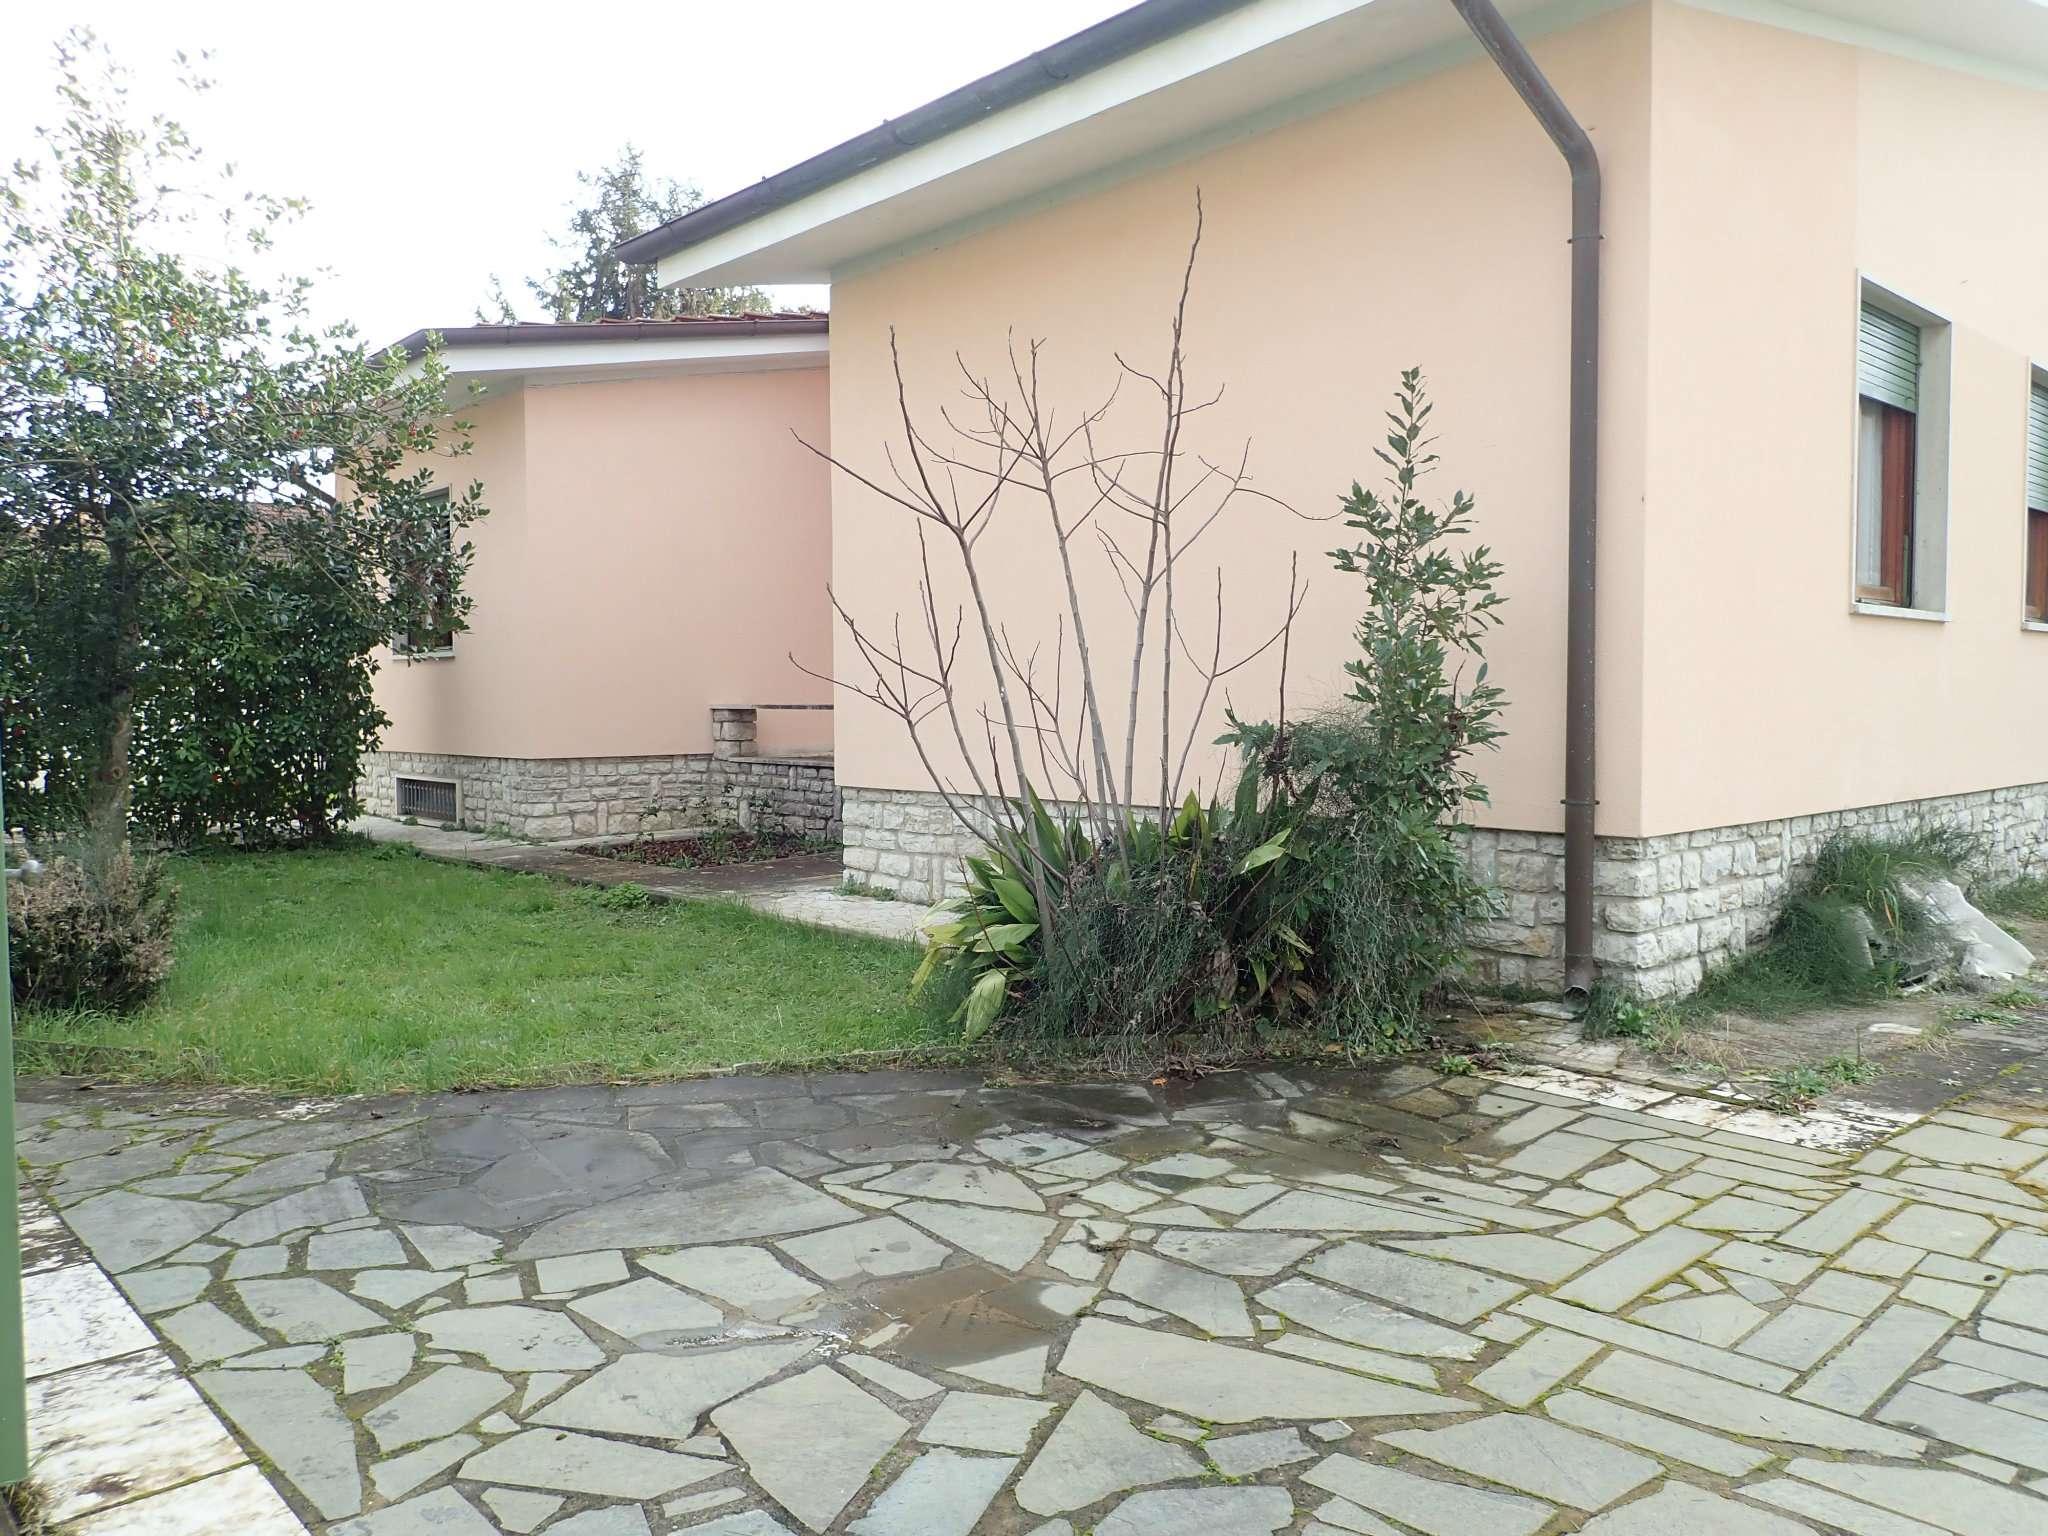 Villa in Vendita a Forte Dei Marmi: 5 locali, 200 mq - Foto 9